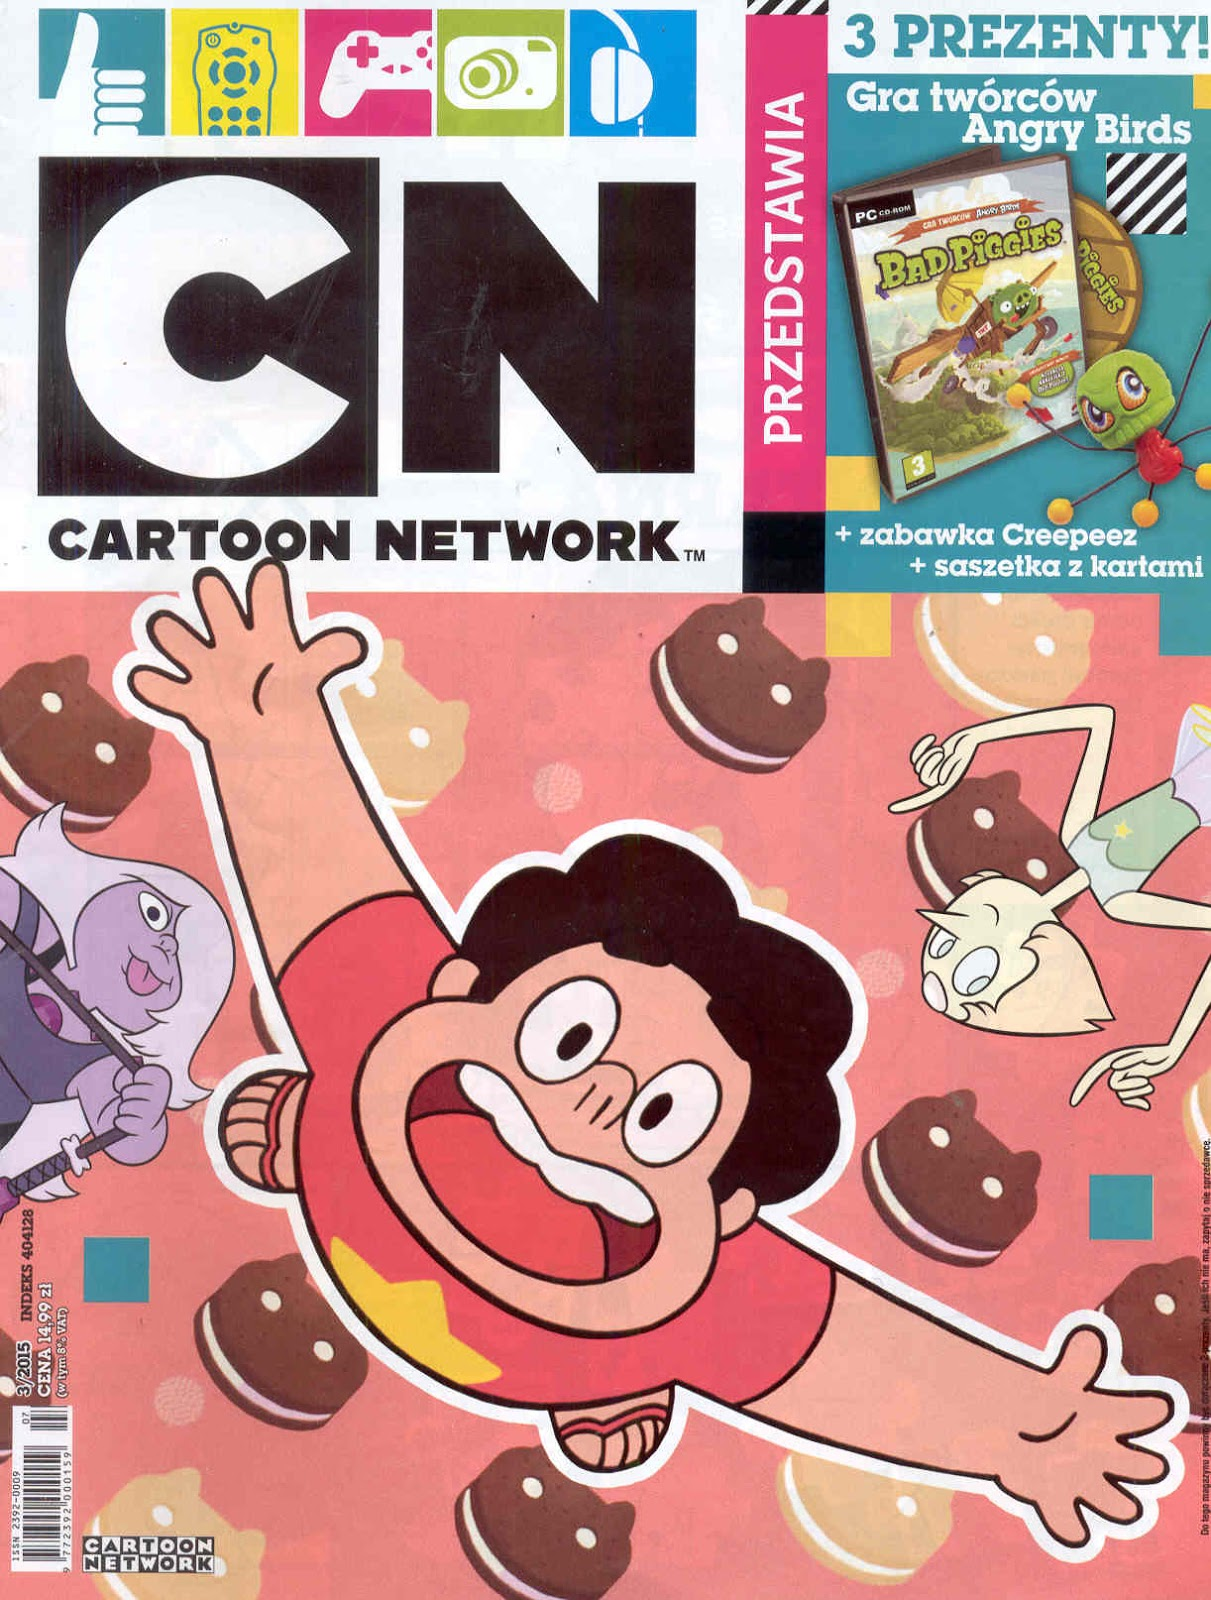 Cartoon Network Przedstawia - miesięcznik - prenumerata półroczna już od 24,99 zł